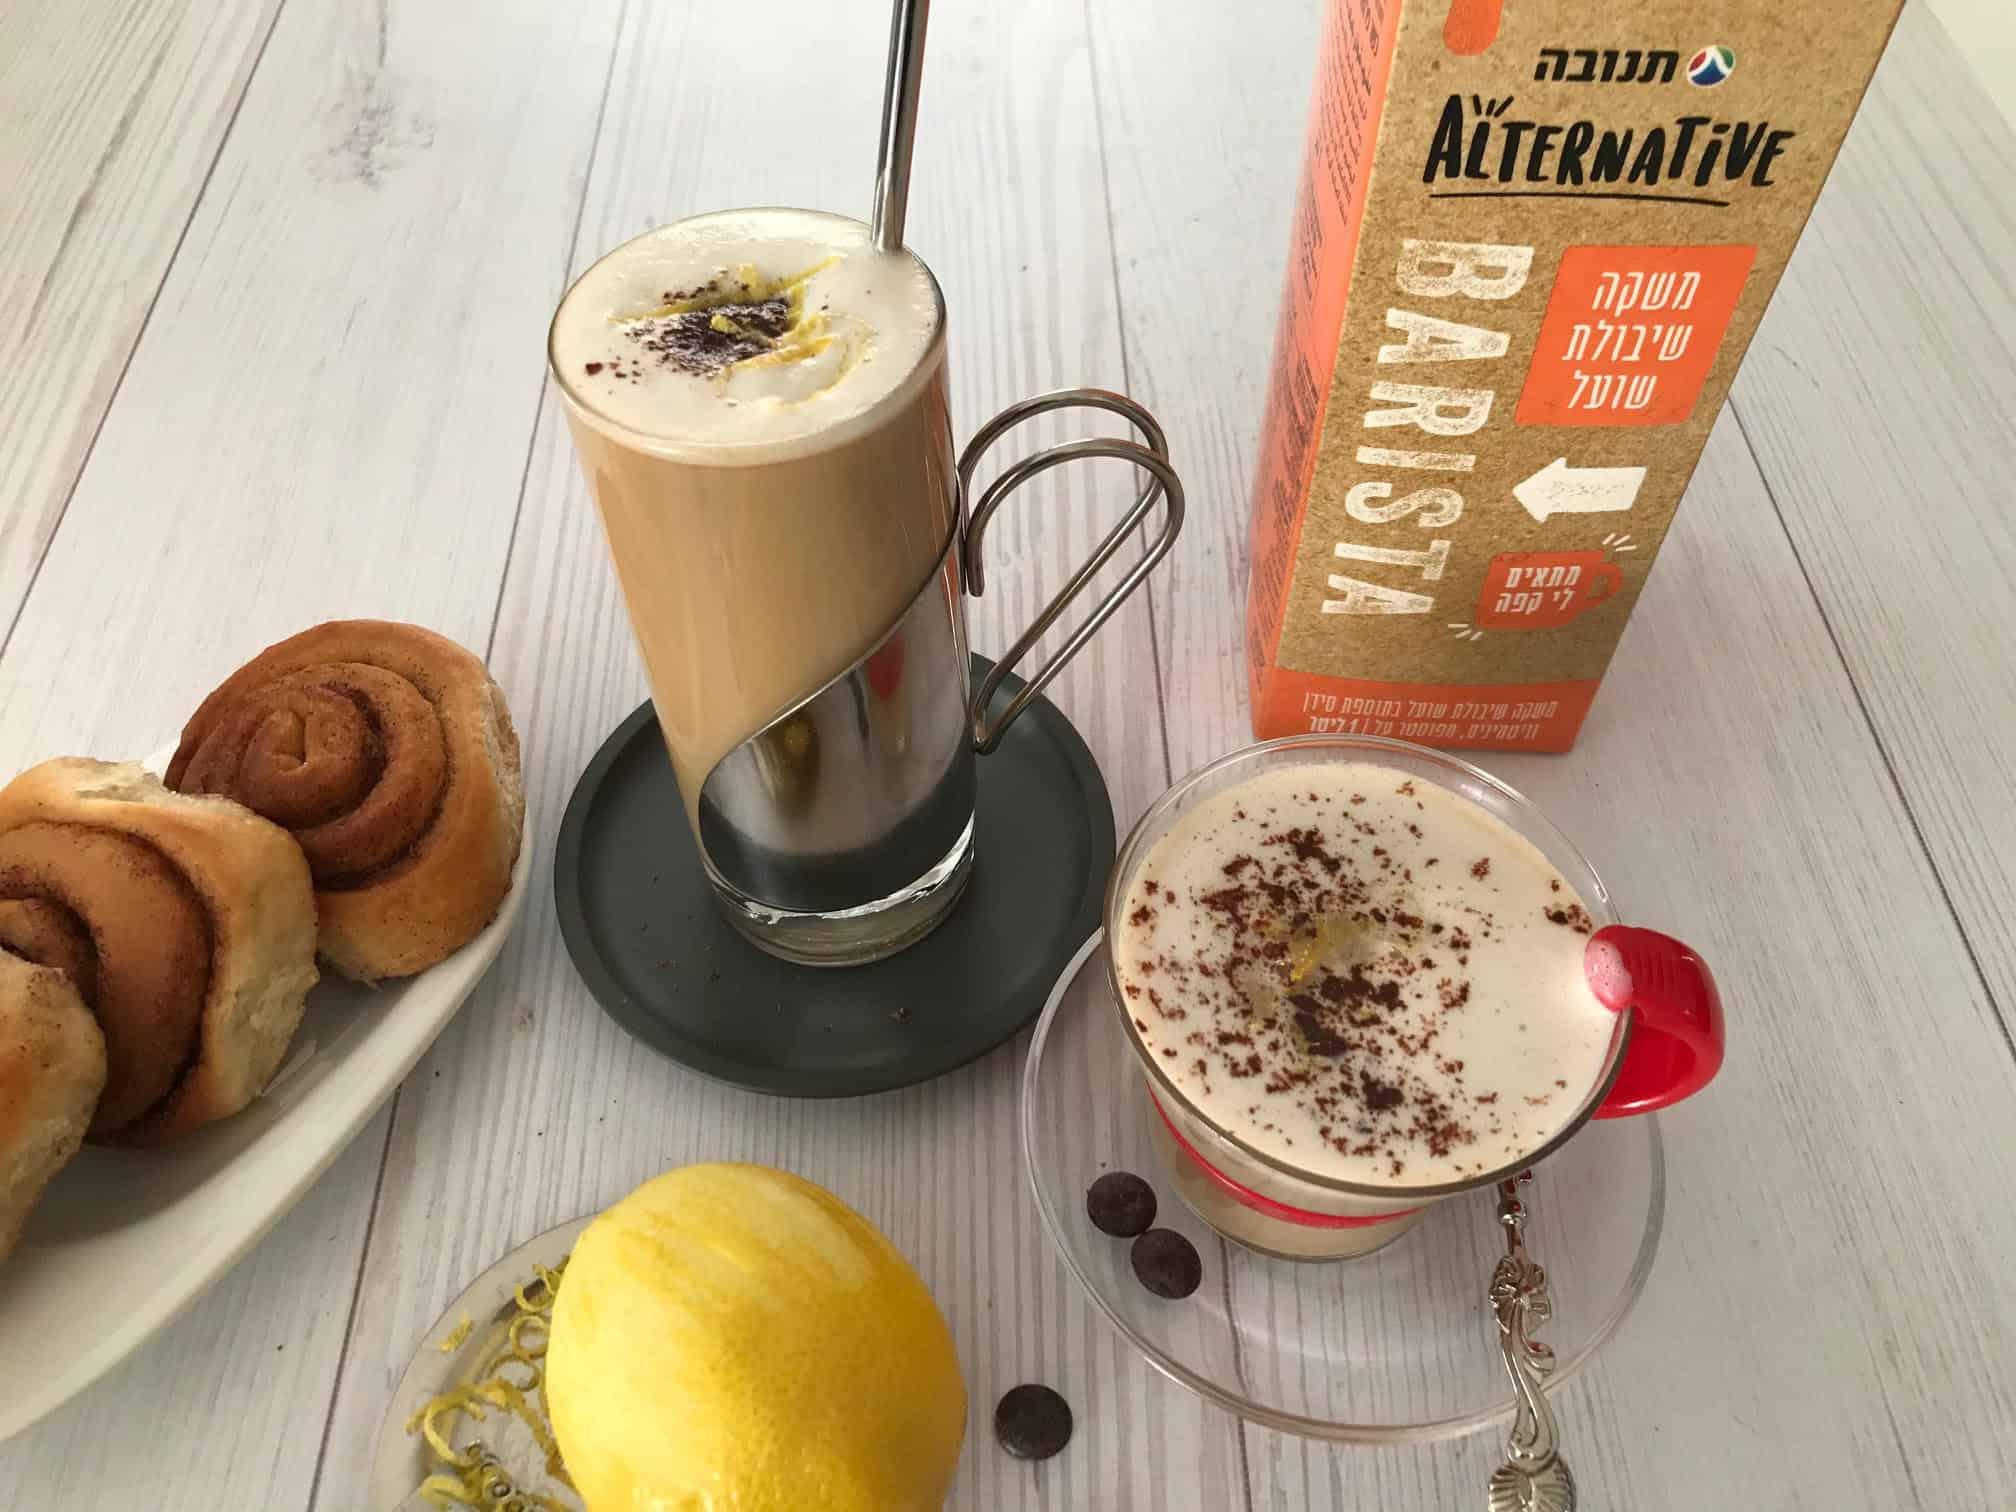 קפה הפוך טבעוני עם אריזת מוצר